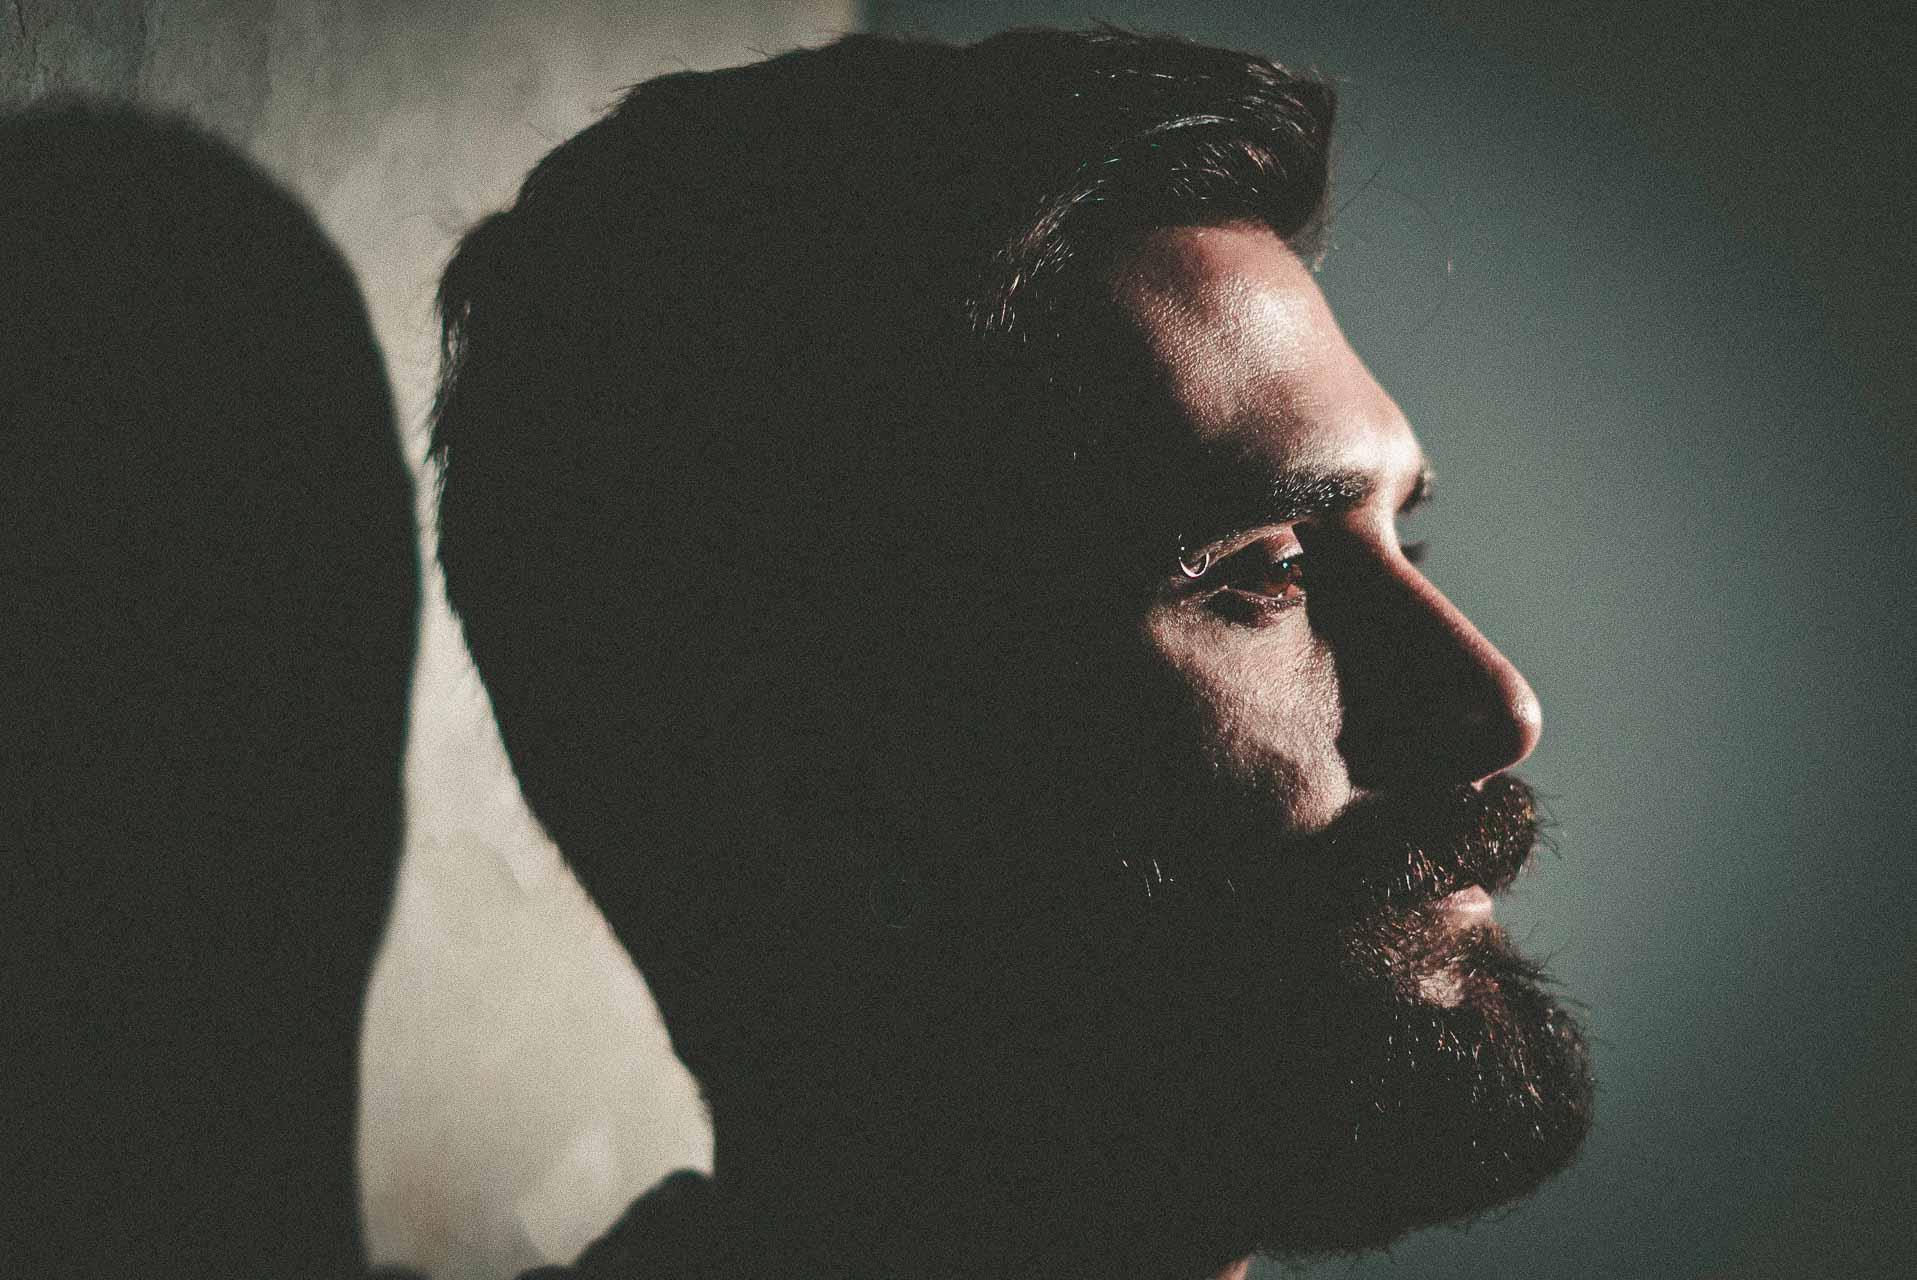 Book en portræt session til et personligt portræt